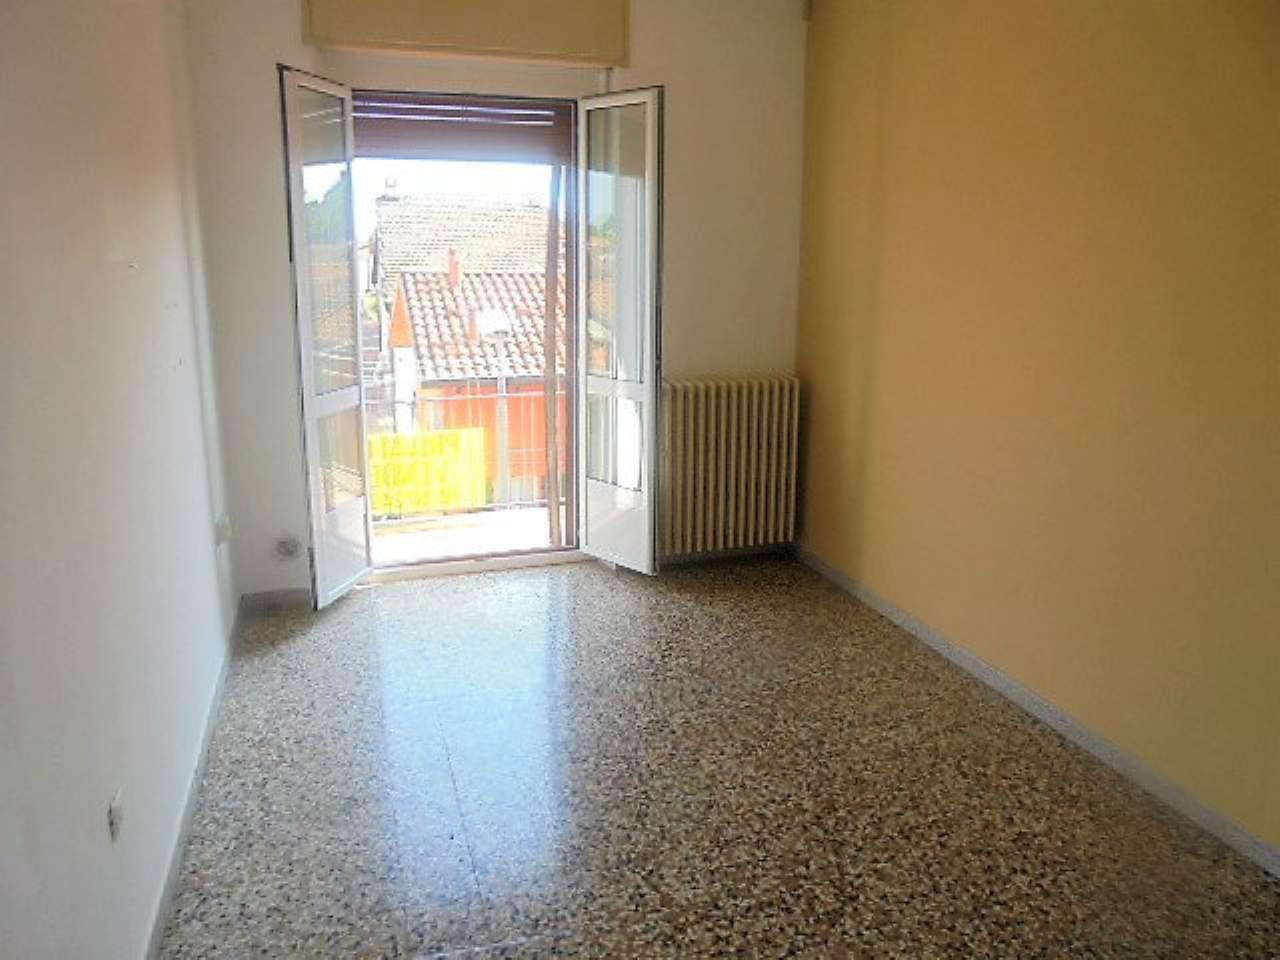 Appartamento in vendita a Santena, 2 locali, prezzo € 59.000 | CambioCasa.it